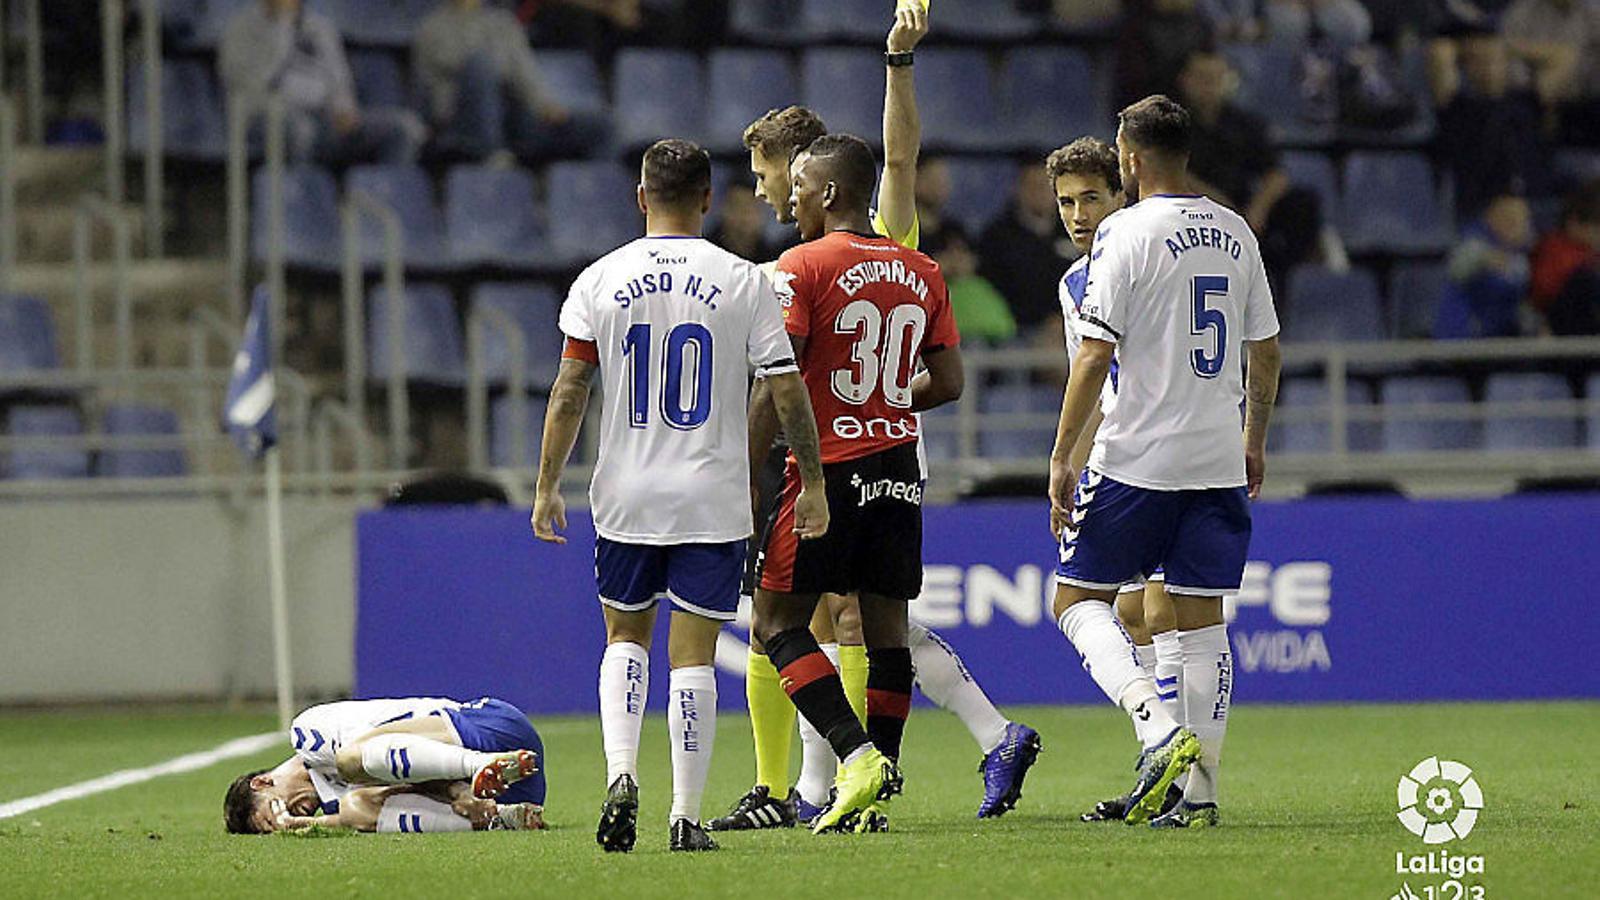 Estupiñán veu la segona targeta groga del partit, que va suposar deixar el Mallorca amb deu jugadors.